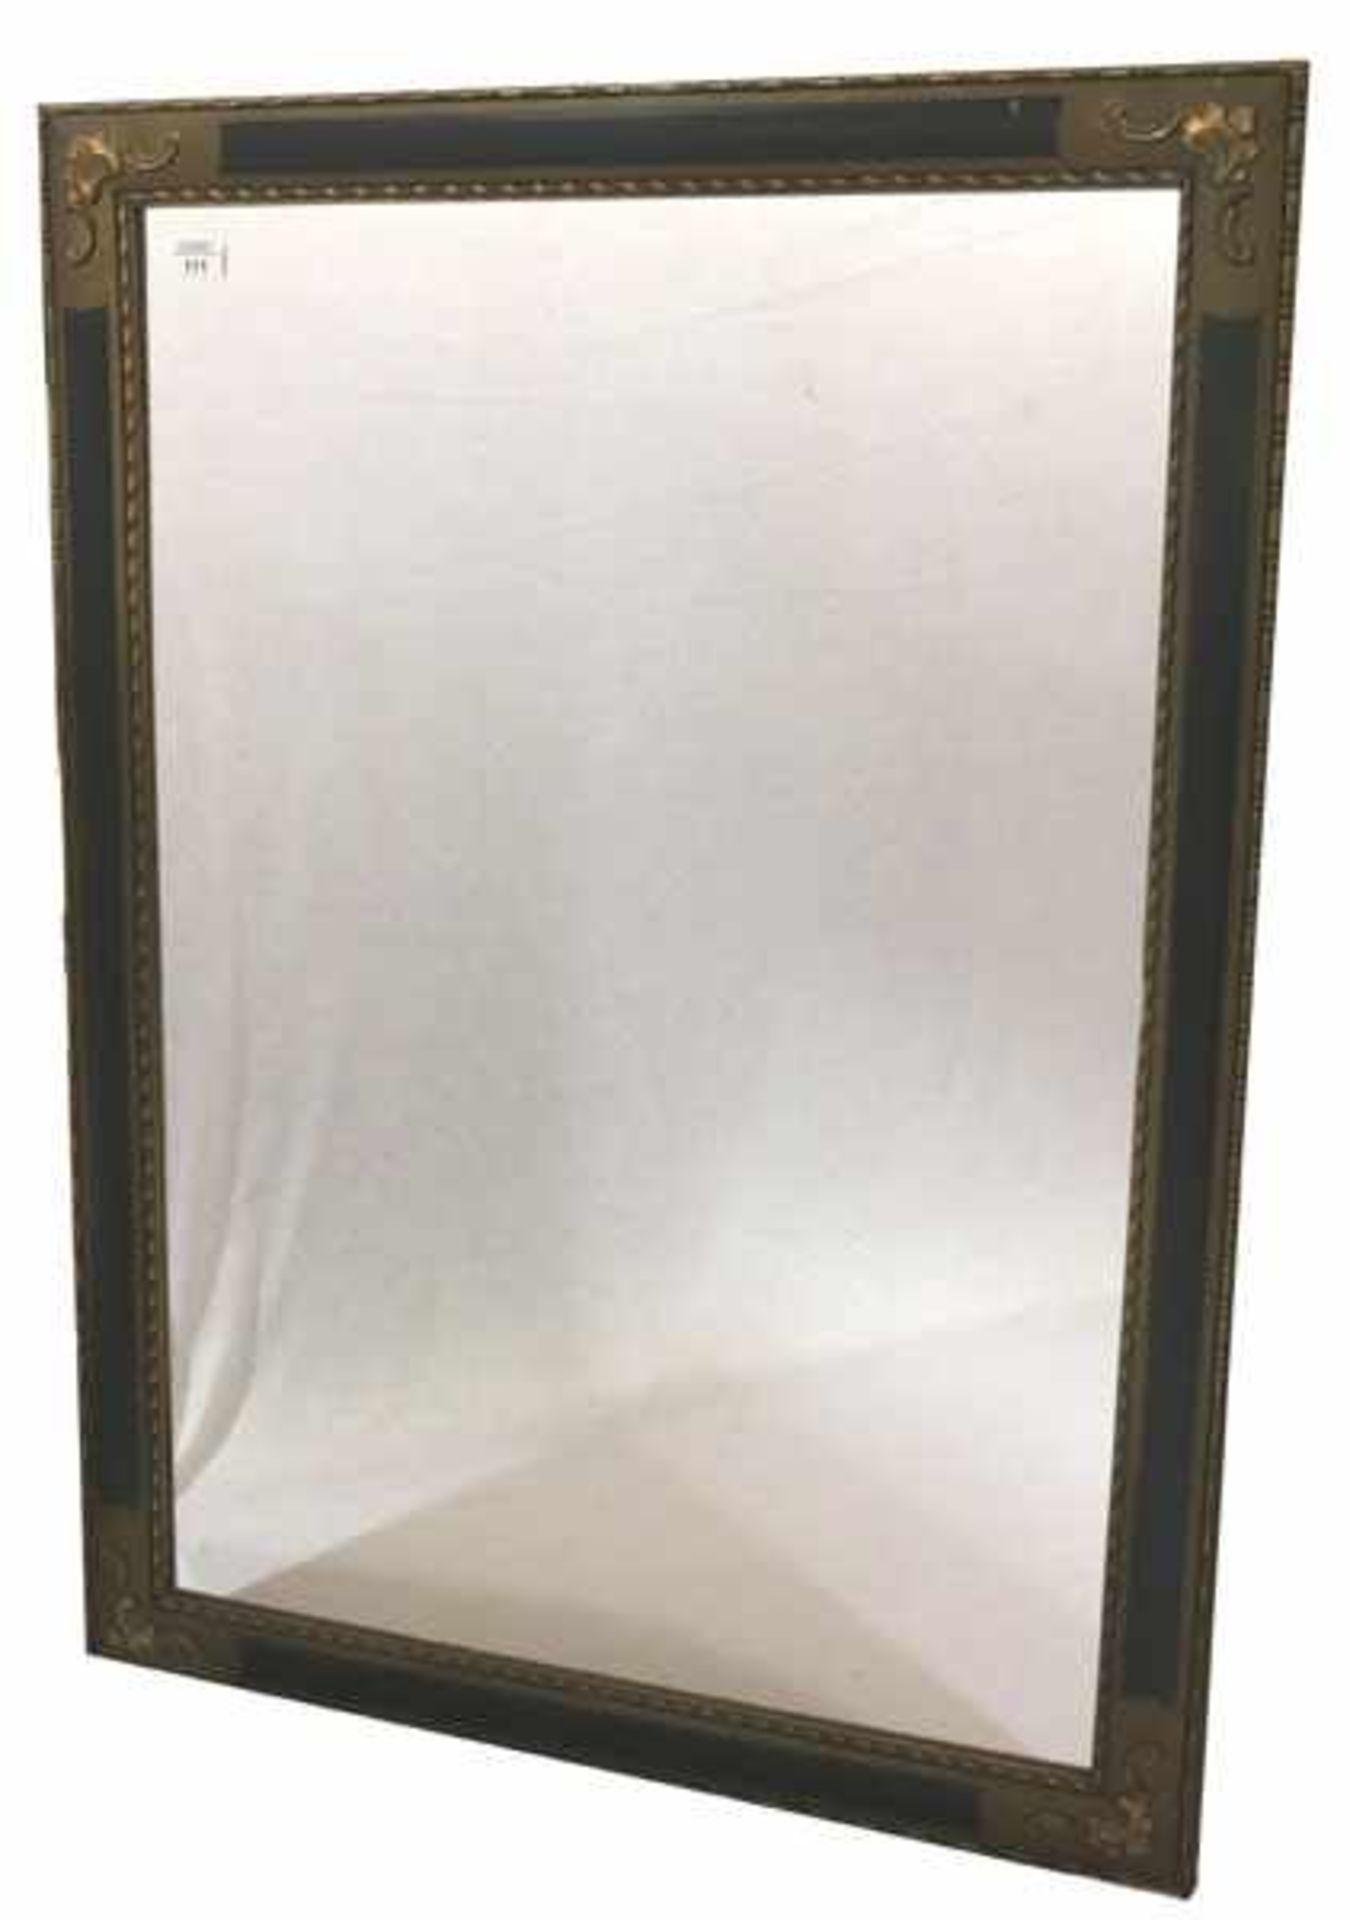 Los 111 - Wandspiegel in verziertem Holzrahmen, Rahmen leicht bestossen und berieben, incl. Rahmen 113 cm x 83